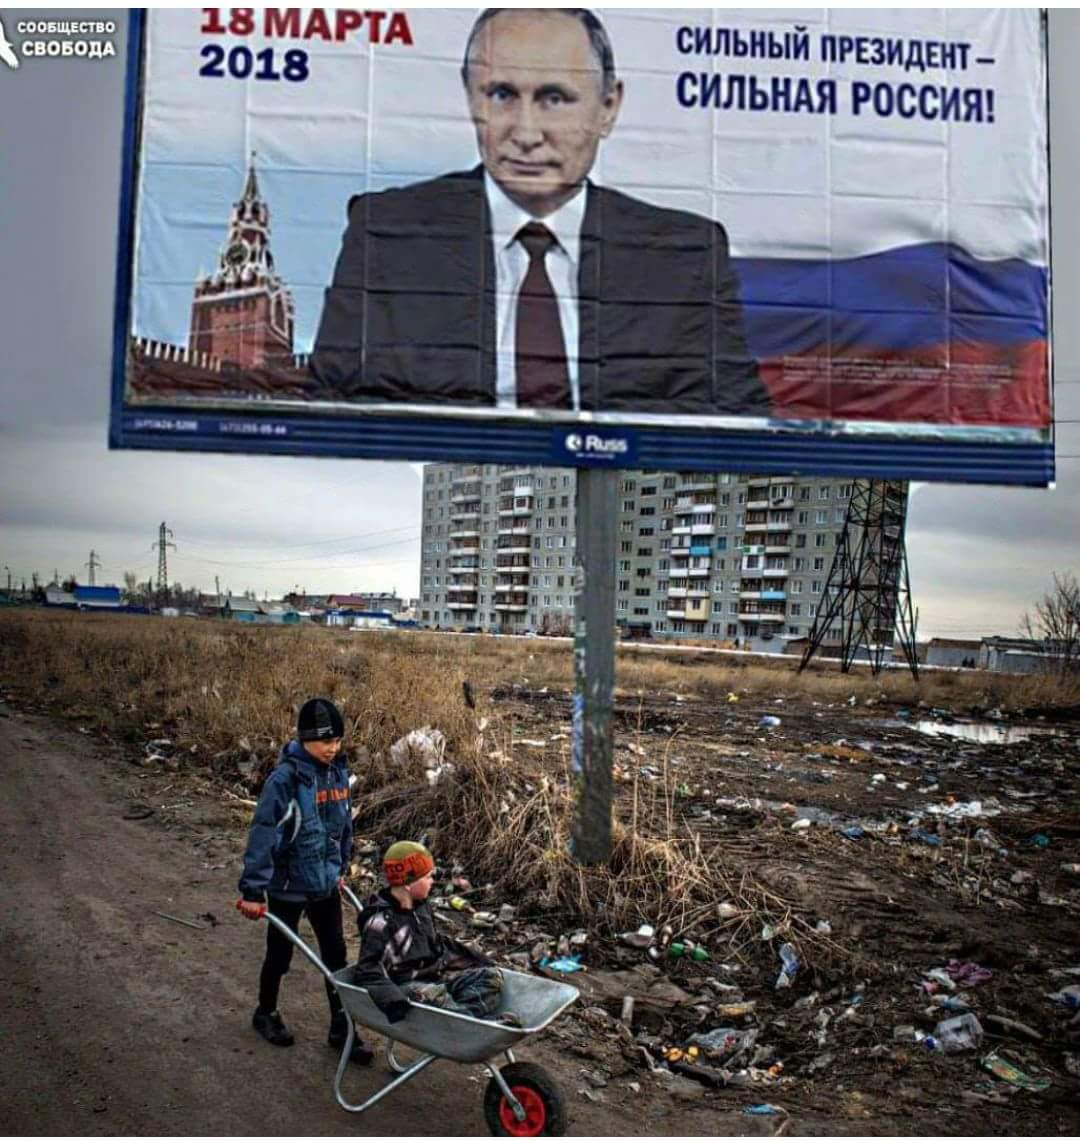 Obrázek SilnyprezidentsilneRusko